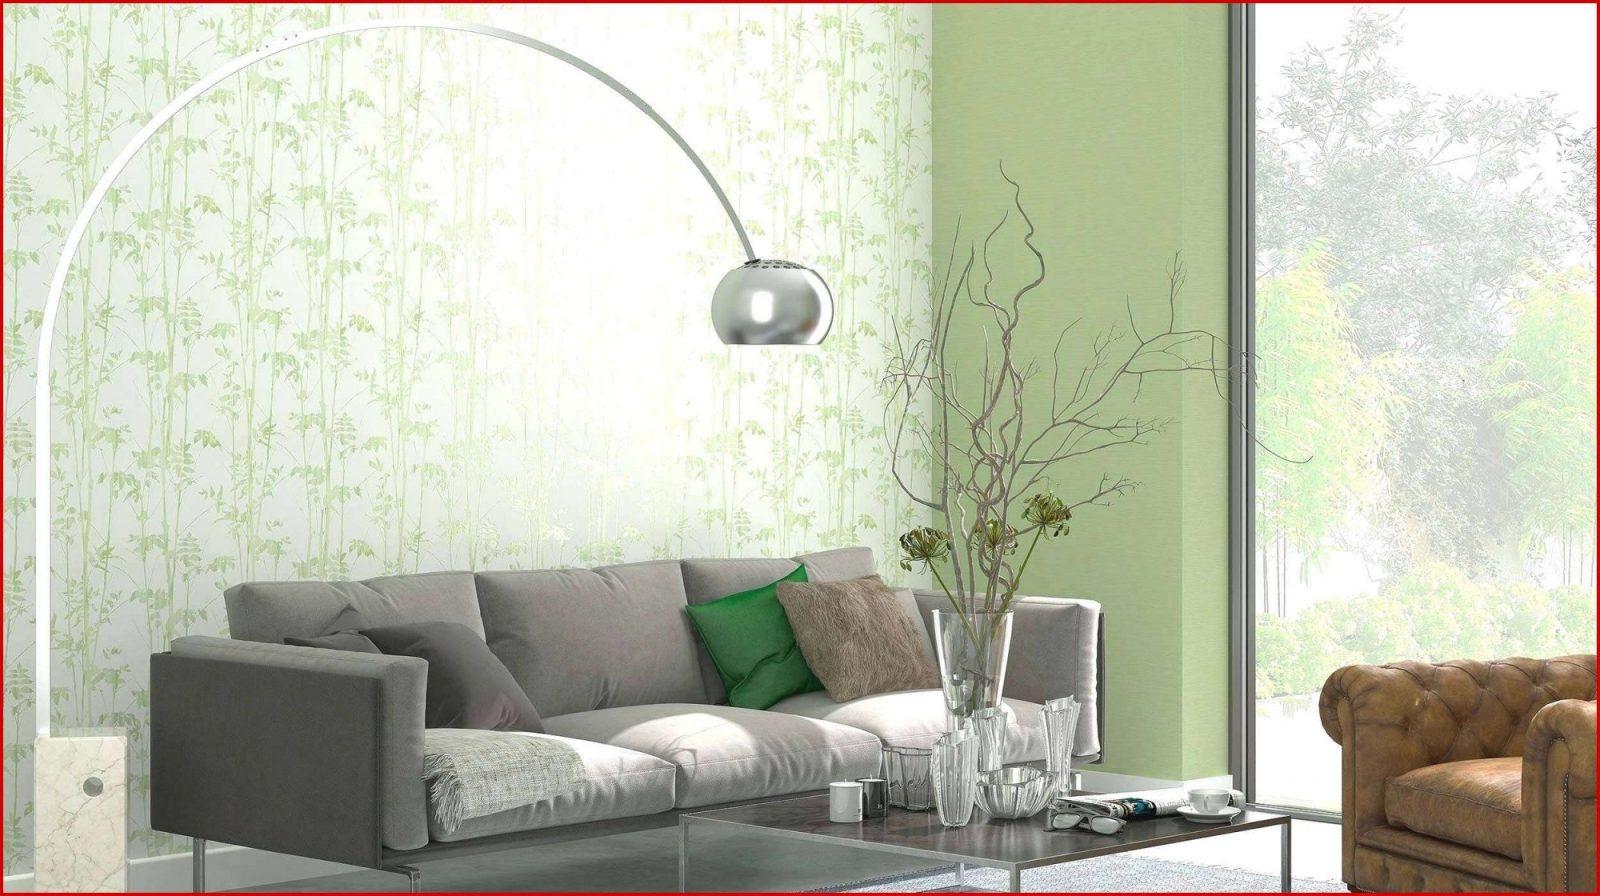 45 Das Beste Von Wohnzimmer Ideen Bild Von Wandgestaltung Mit von Wandgestaltung Mit Tapeten Wohnzimmer Photo